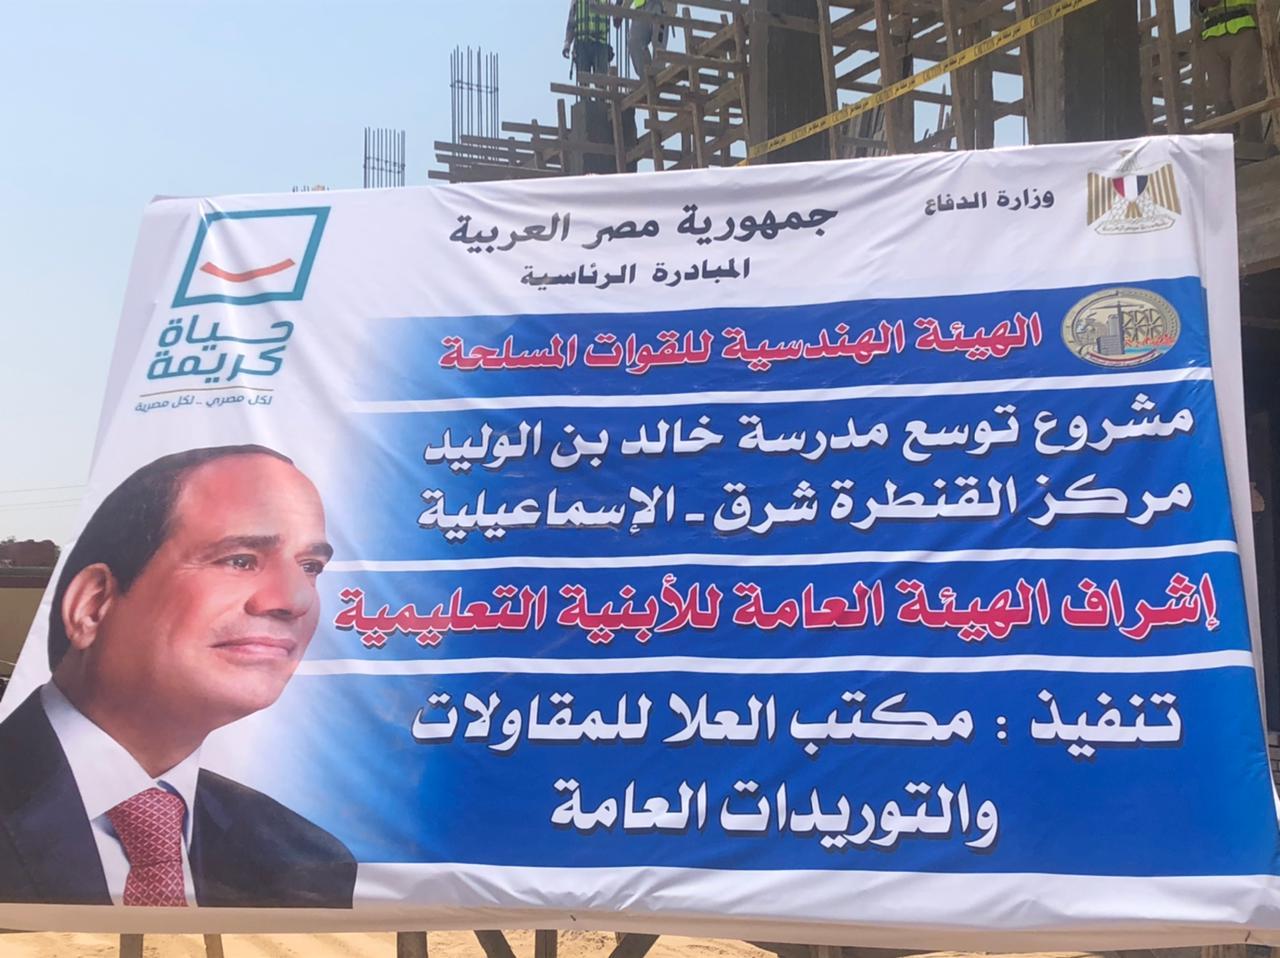 """رئيس الوزراء يتفقد أعمال رفع كفاءة مدرسة خالد بن الوليد بالإسماعيلية ضمن """"حياة كريمة"""""""